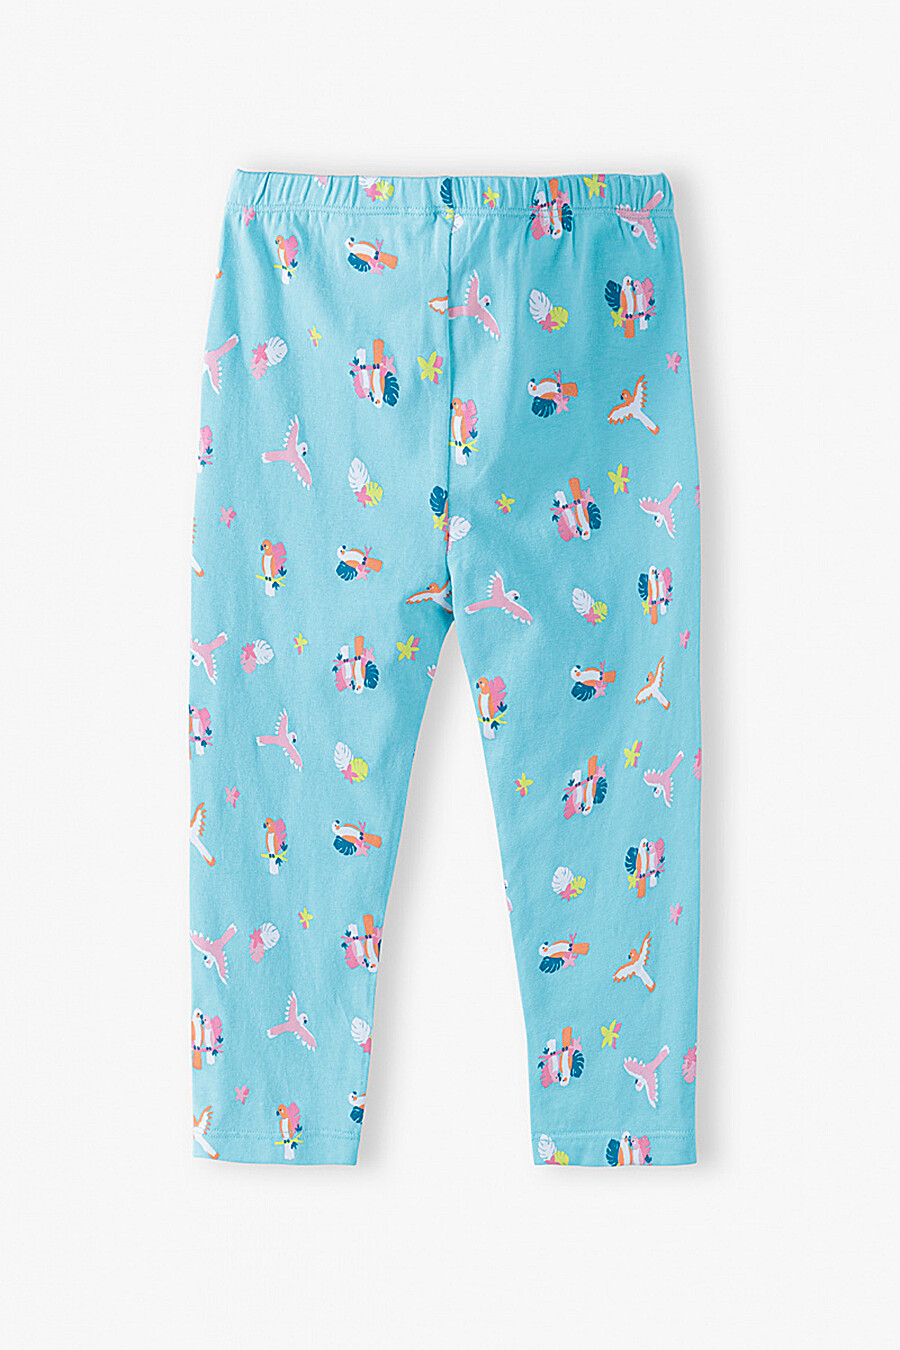 Леггинсы для девочек 5.10.15 668543 купить оптом от производителя. Совместная покупка детской одежды в OptMoyo